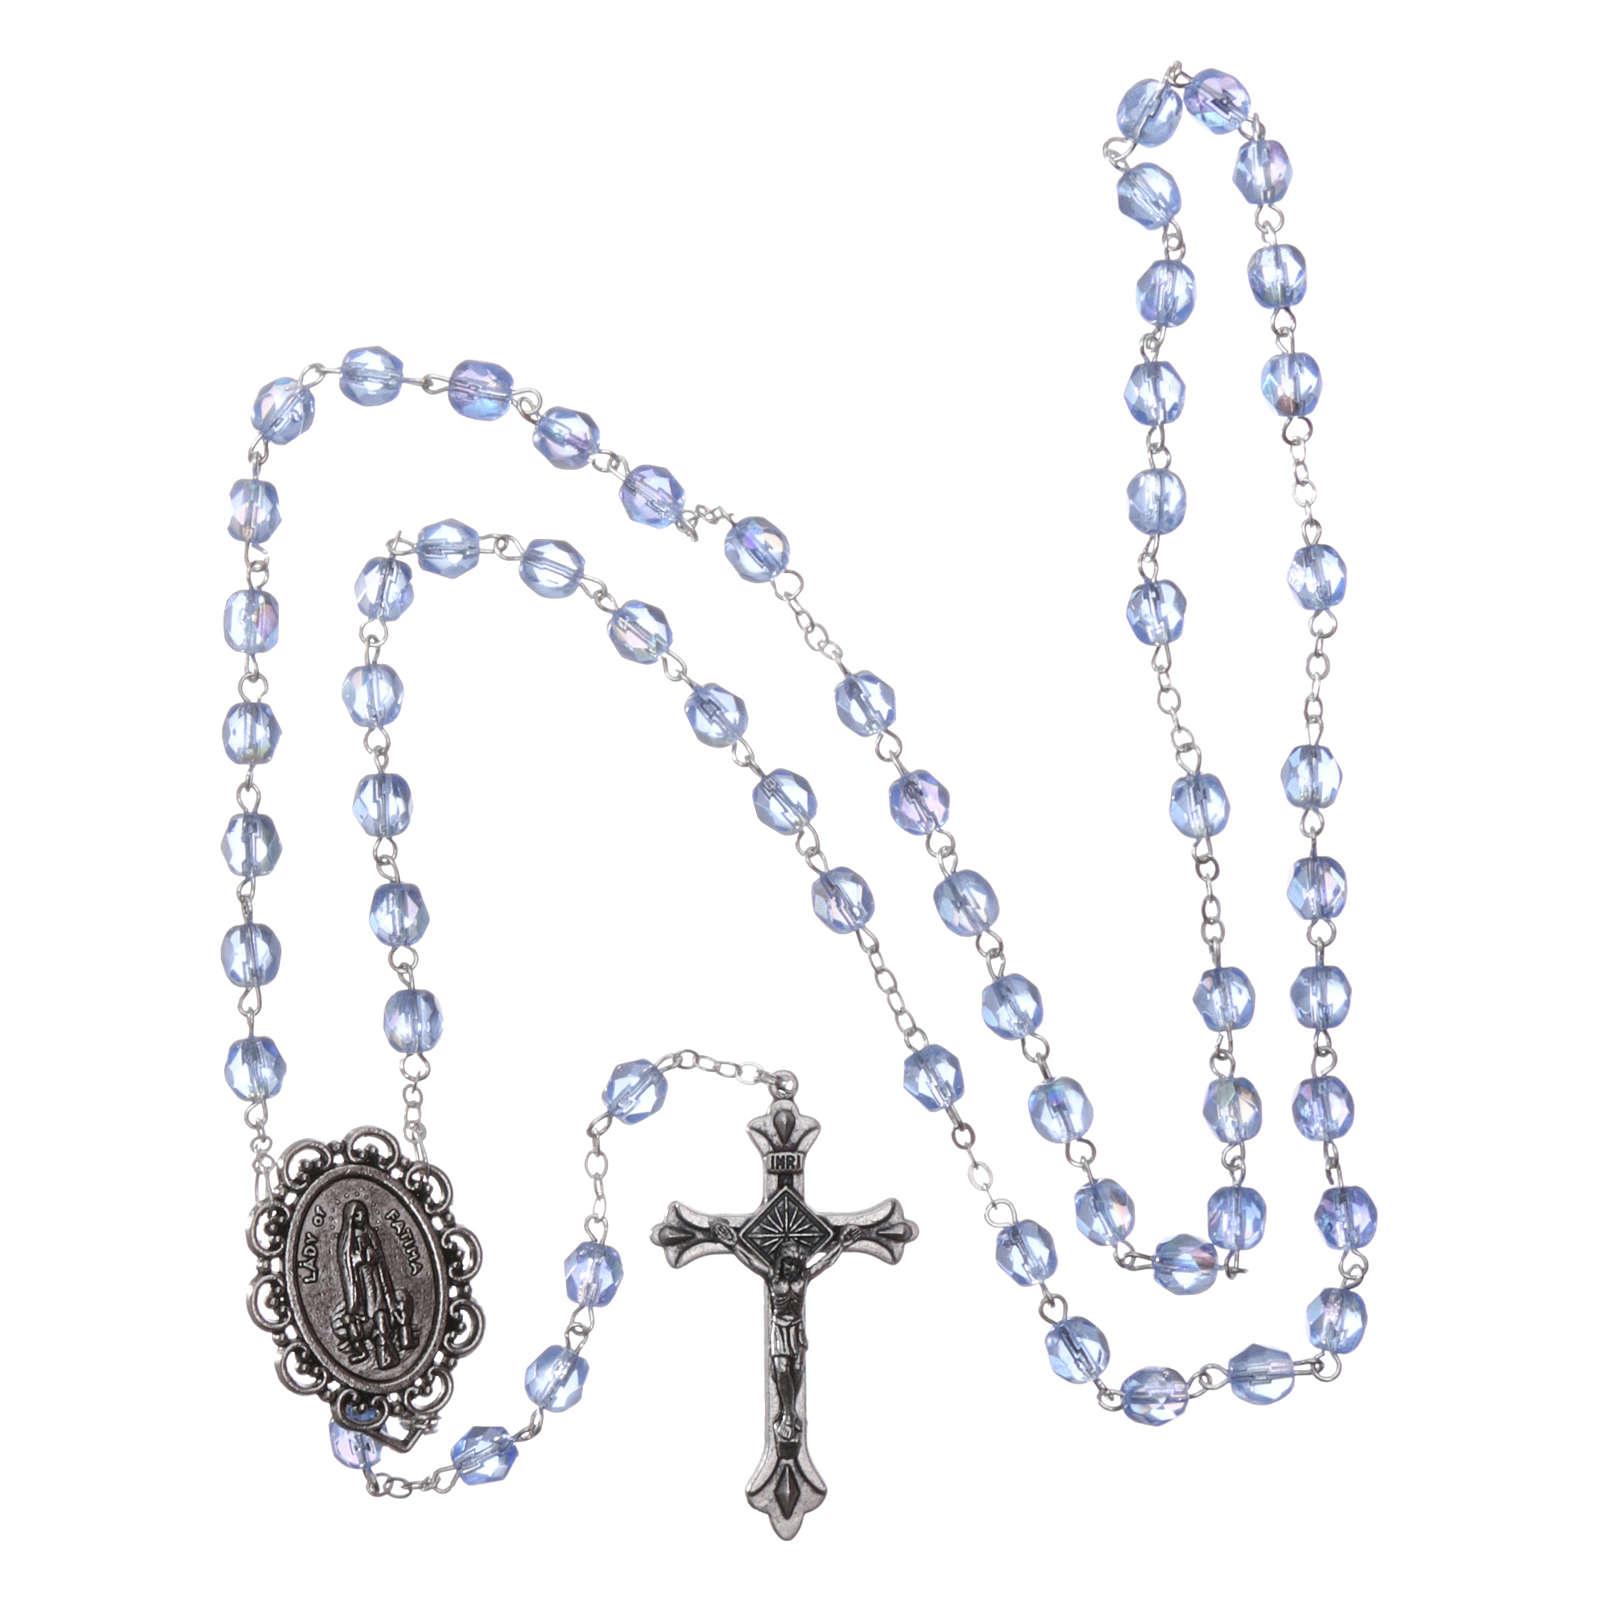 Chapelet semi-cristal Fatima terre 4 mm couleur bleu clair 4